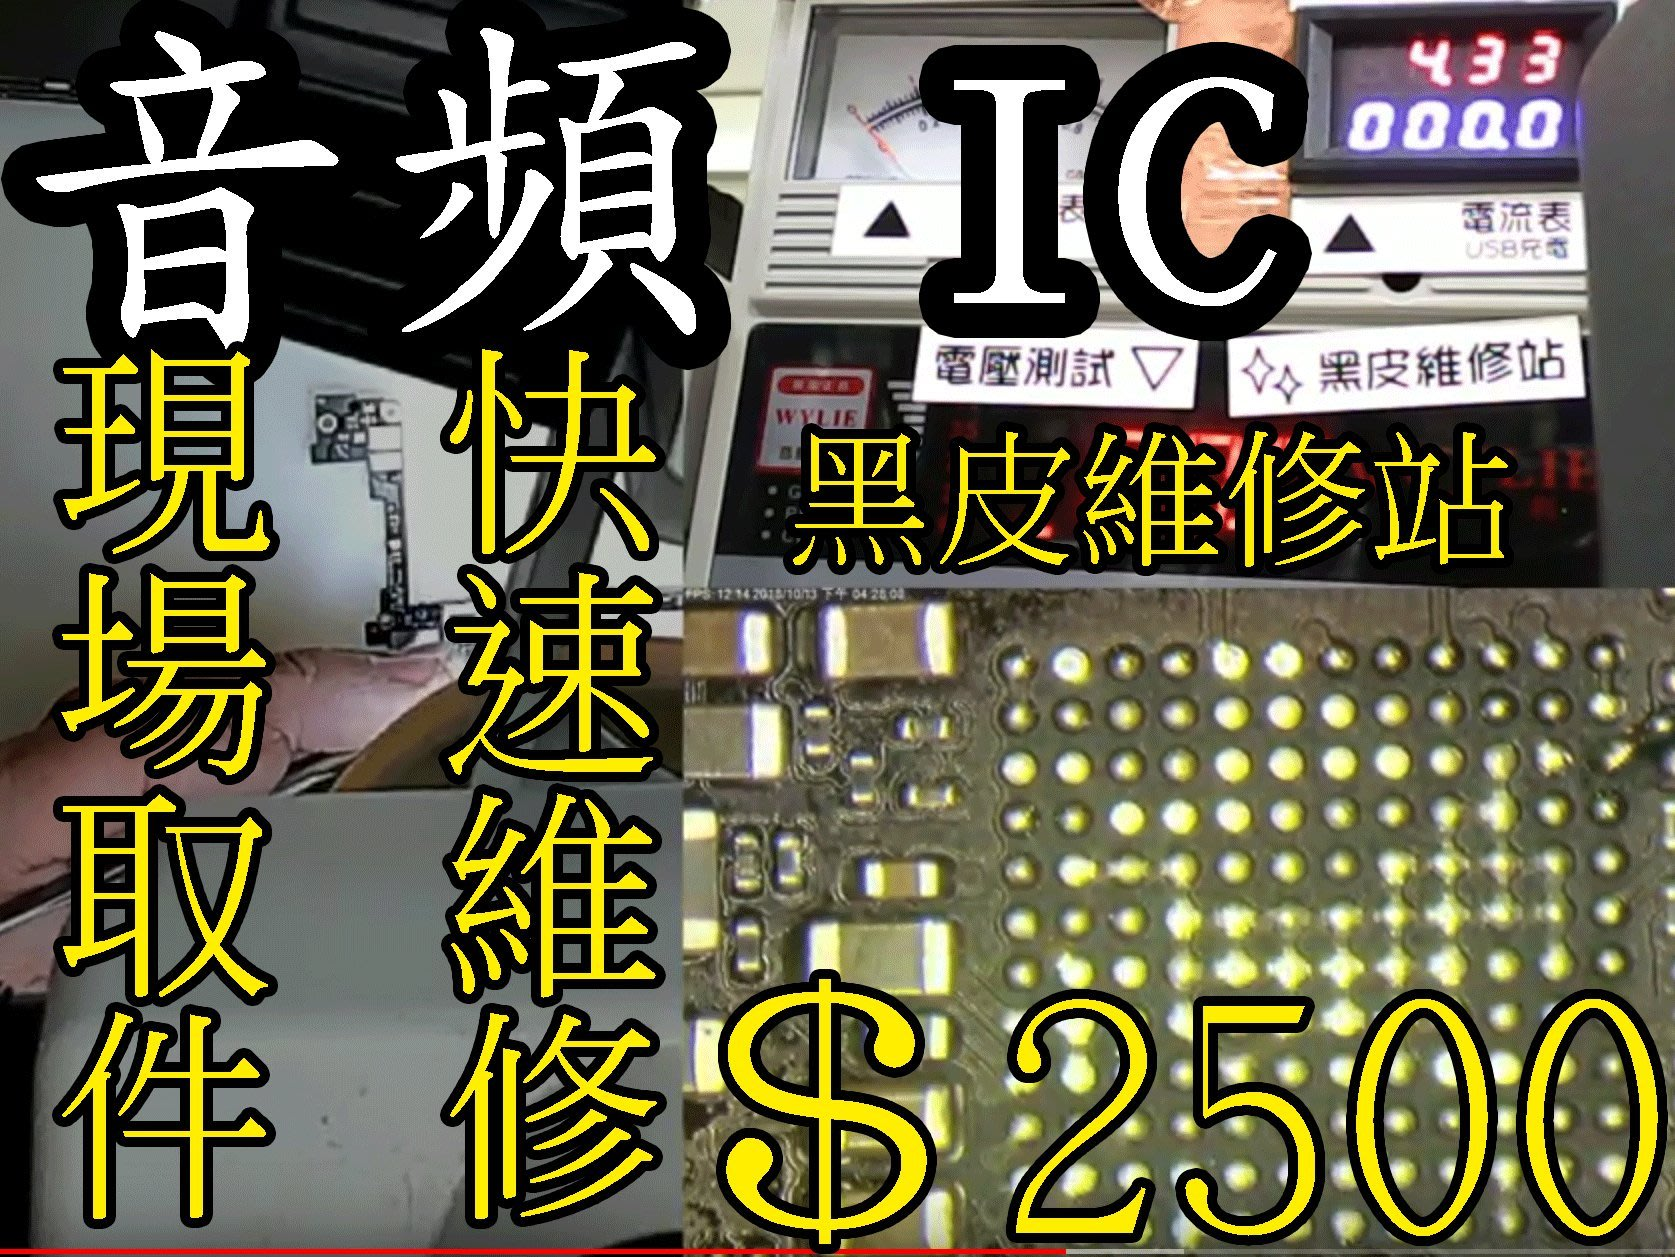 【黑皮維修站】iPhone 7 / 7 Plus 音頻IC故障維修(開機慢 無法擴音 無法錄音)30分鐘內取件超快速維修